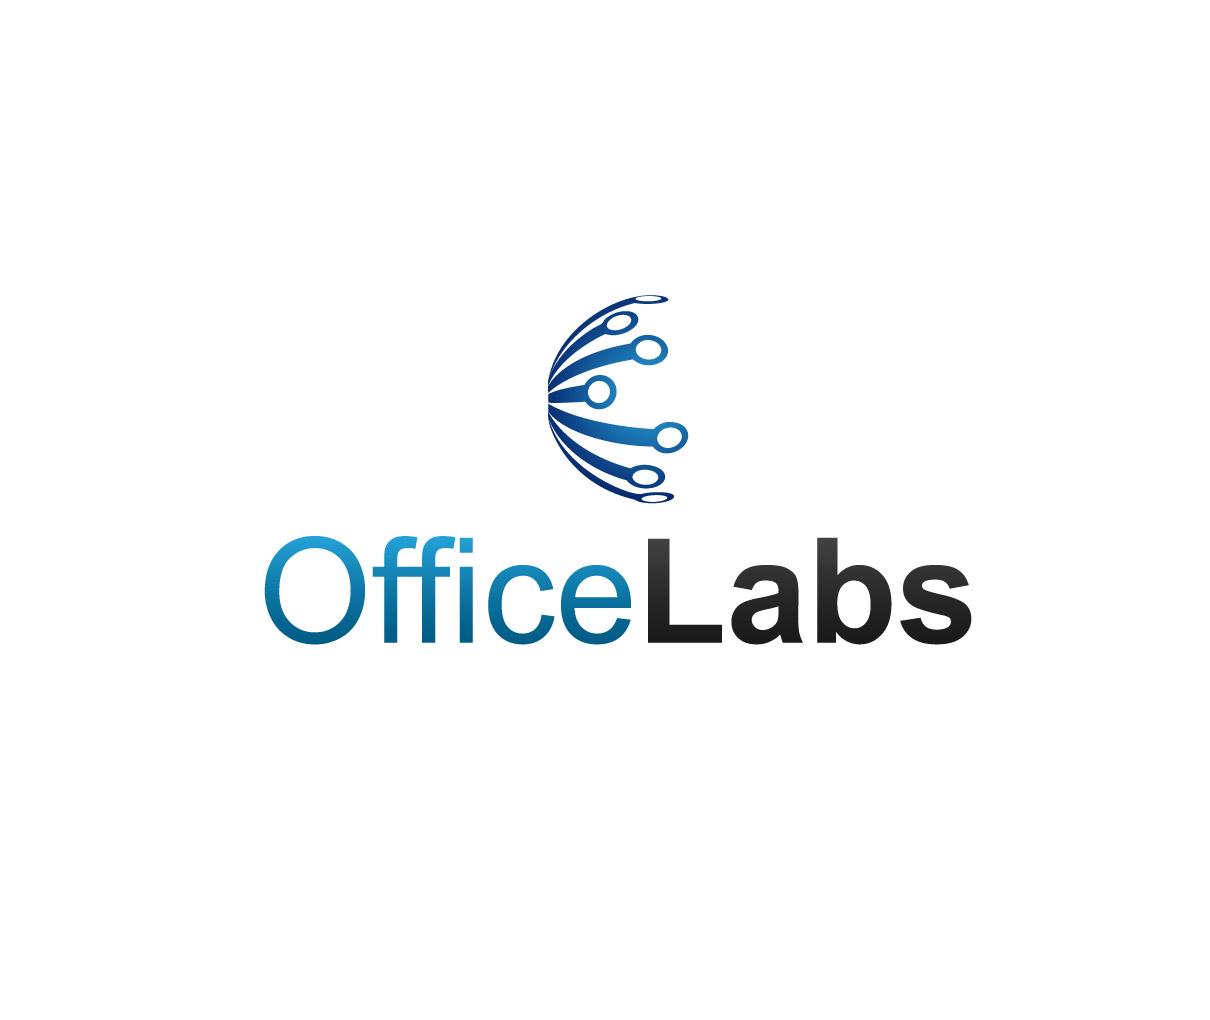 Logo Design by Ika Sari - Entry No. 32 in the Logo Design Contest OfficeLabs Logo Design.